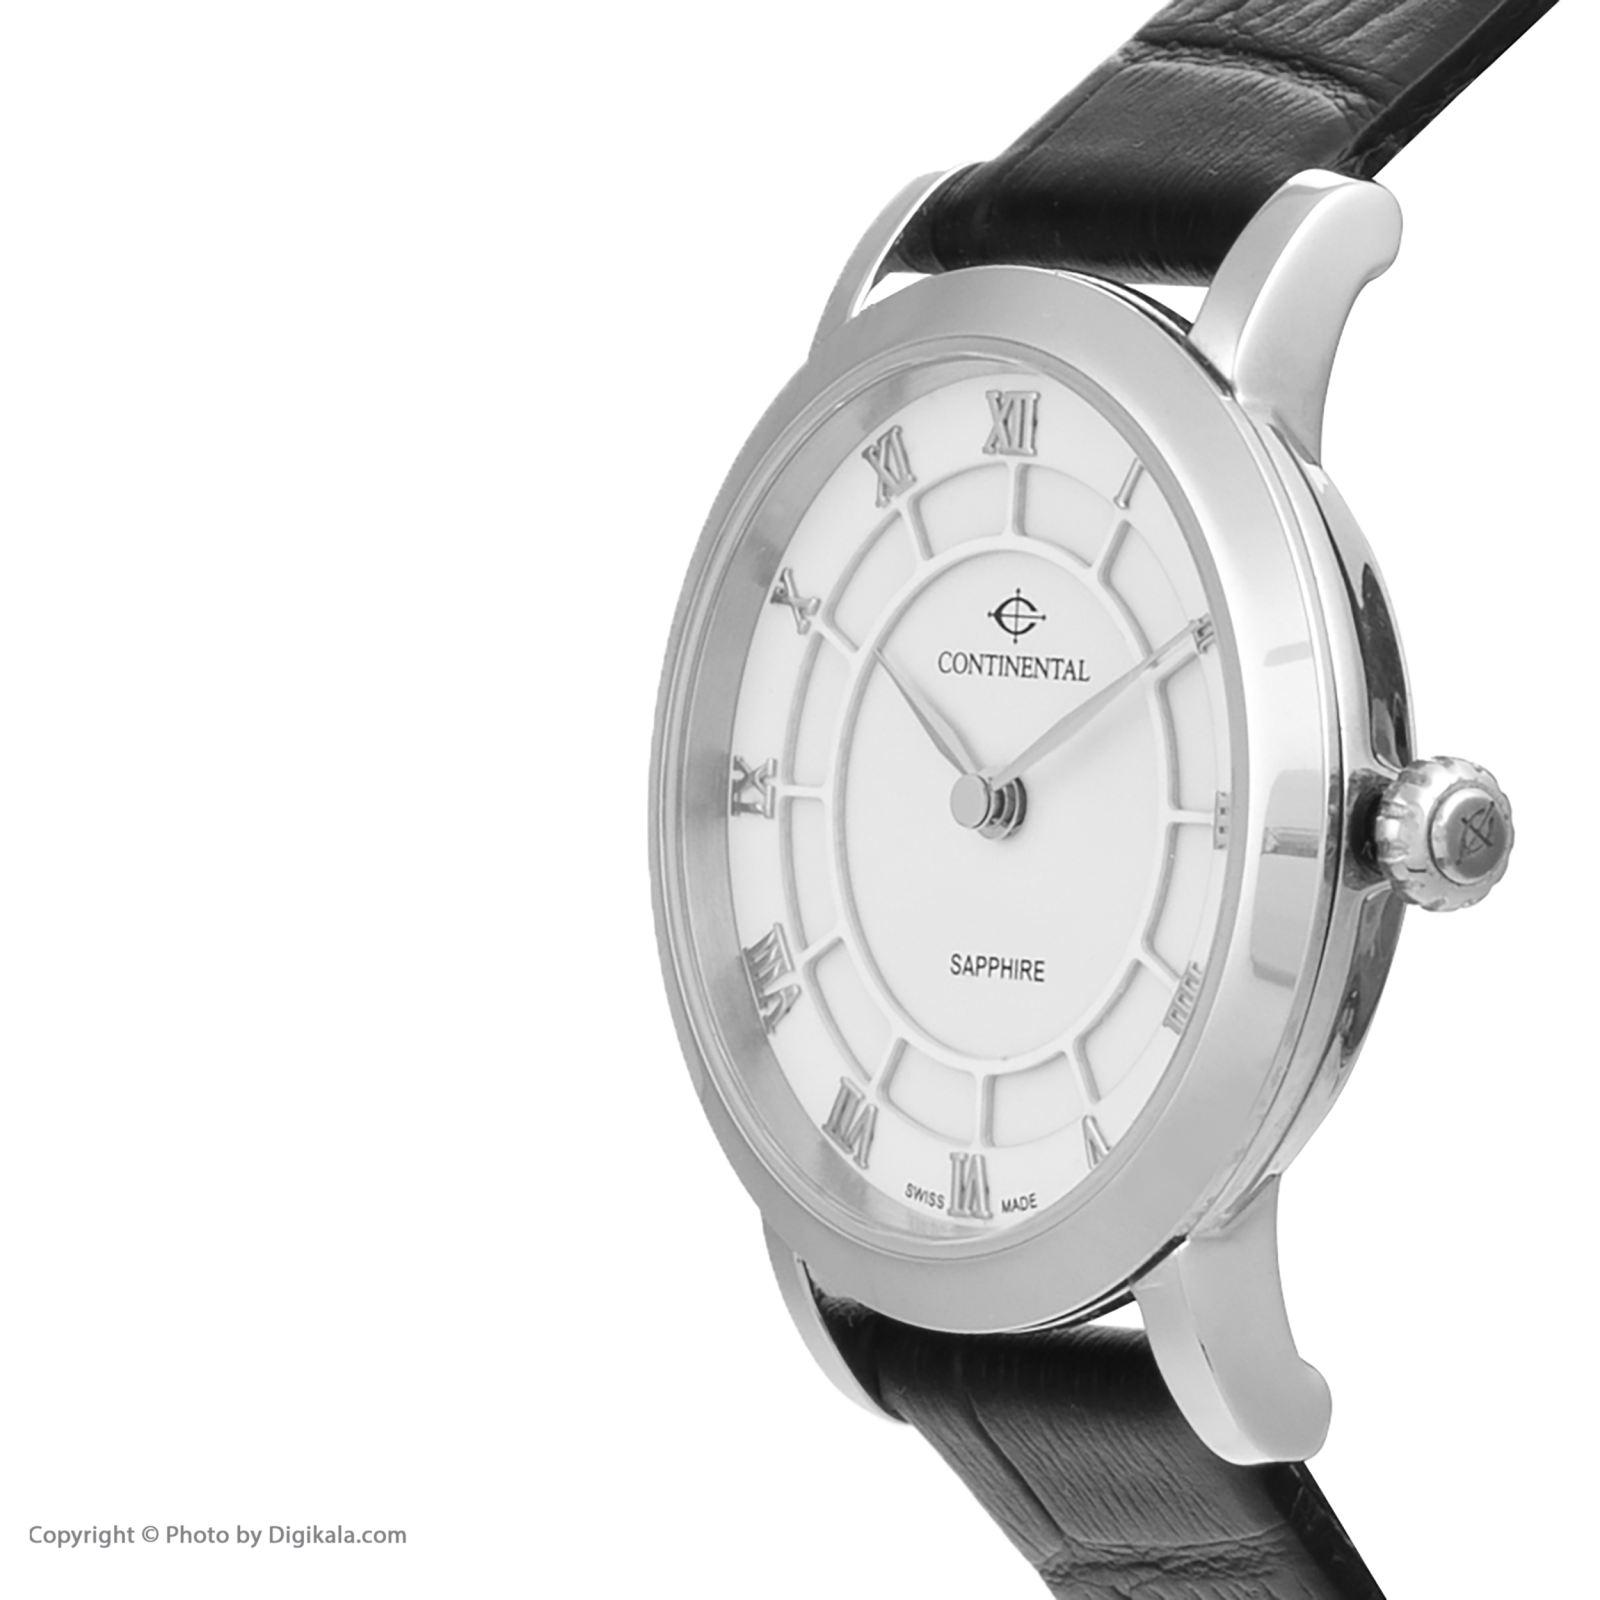 ساعت مچی عقربه ای زنانه کنتیننتال مدل 14202-LT154710 -  - 3